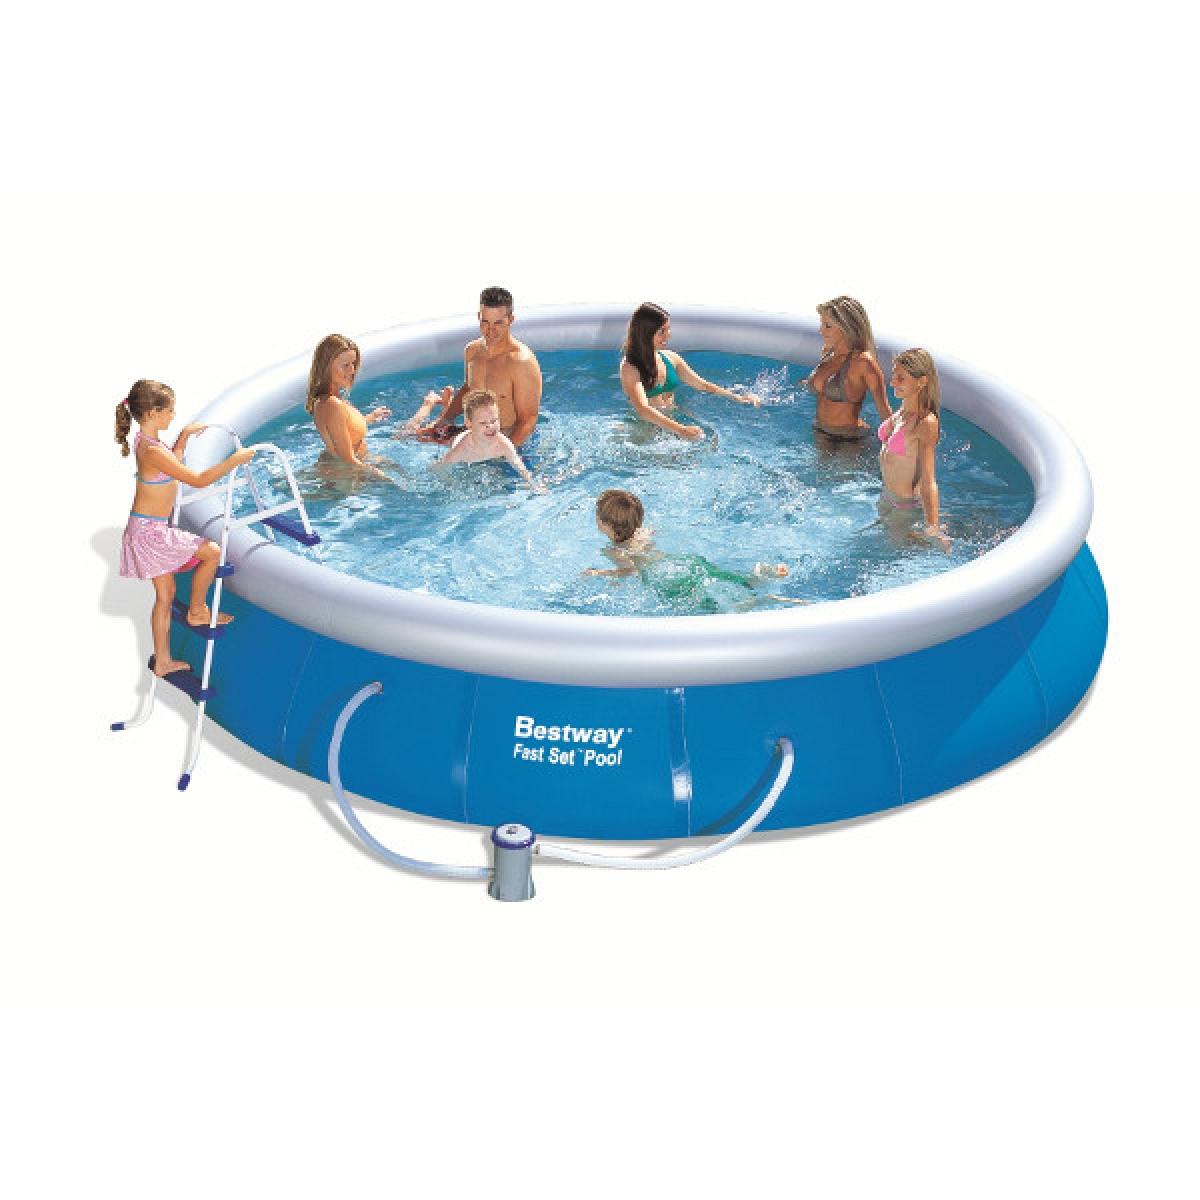 Piscina fuoriterra tonda bestway 457x91 mod fast set - Filtri per piscine fuori terra ...